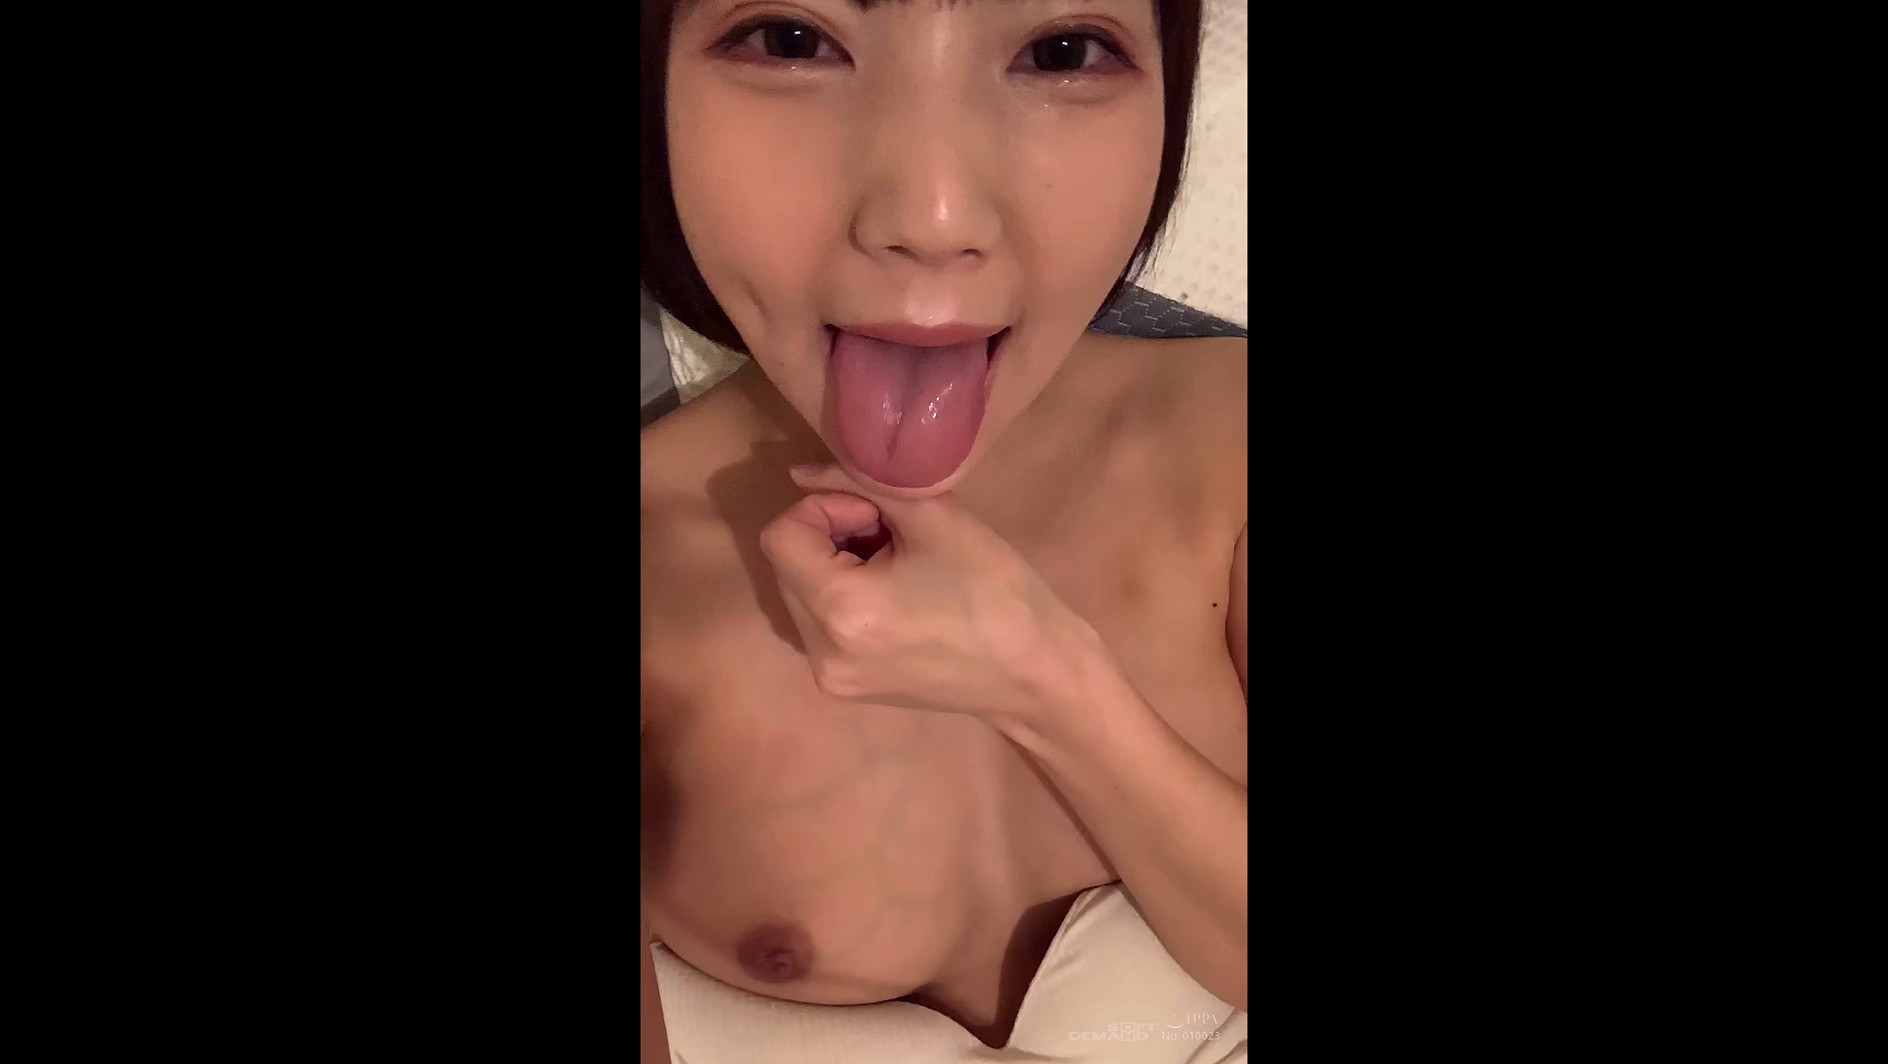 ビデオ通話エッチ JOI みう 【縦動画】 画像9